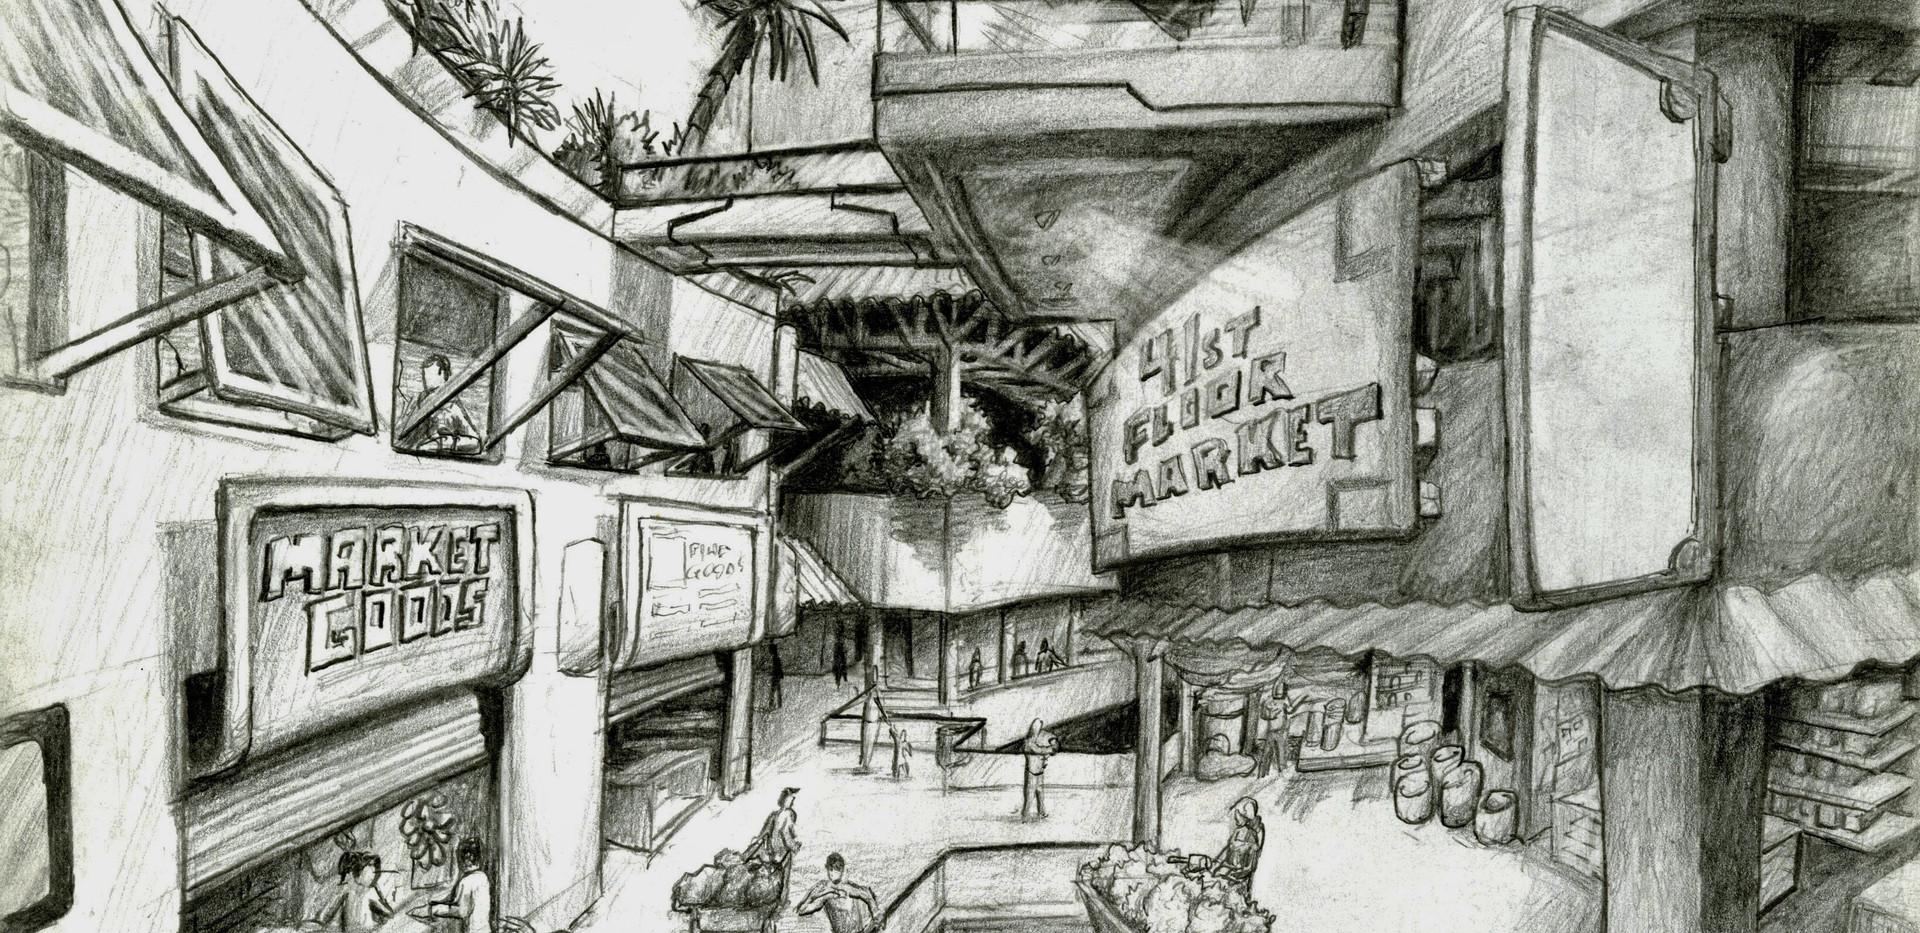 41st Flooor Market